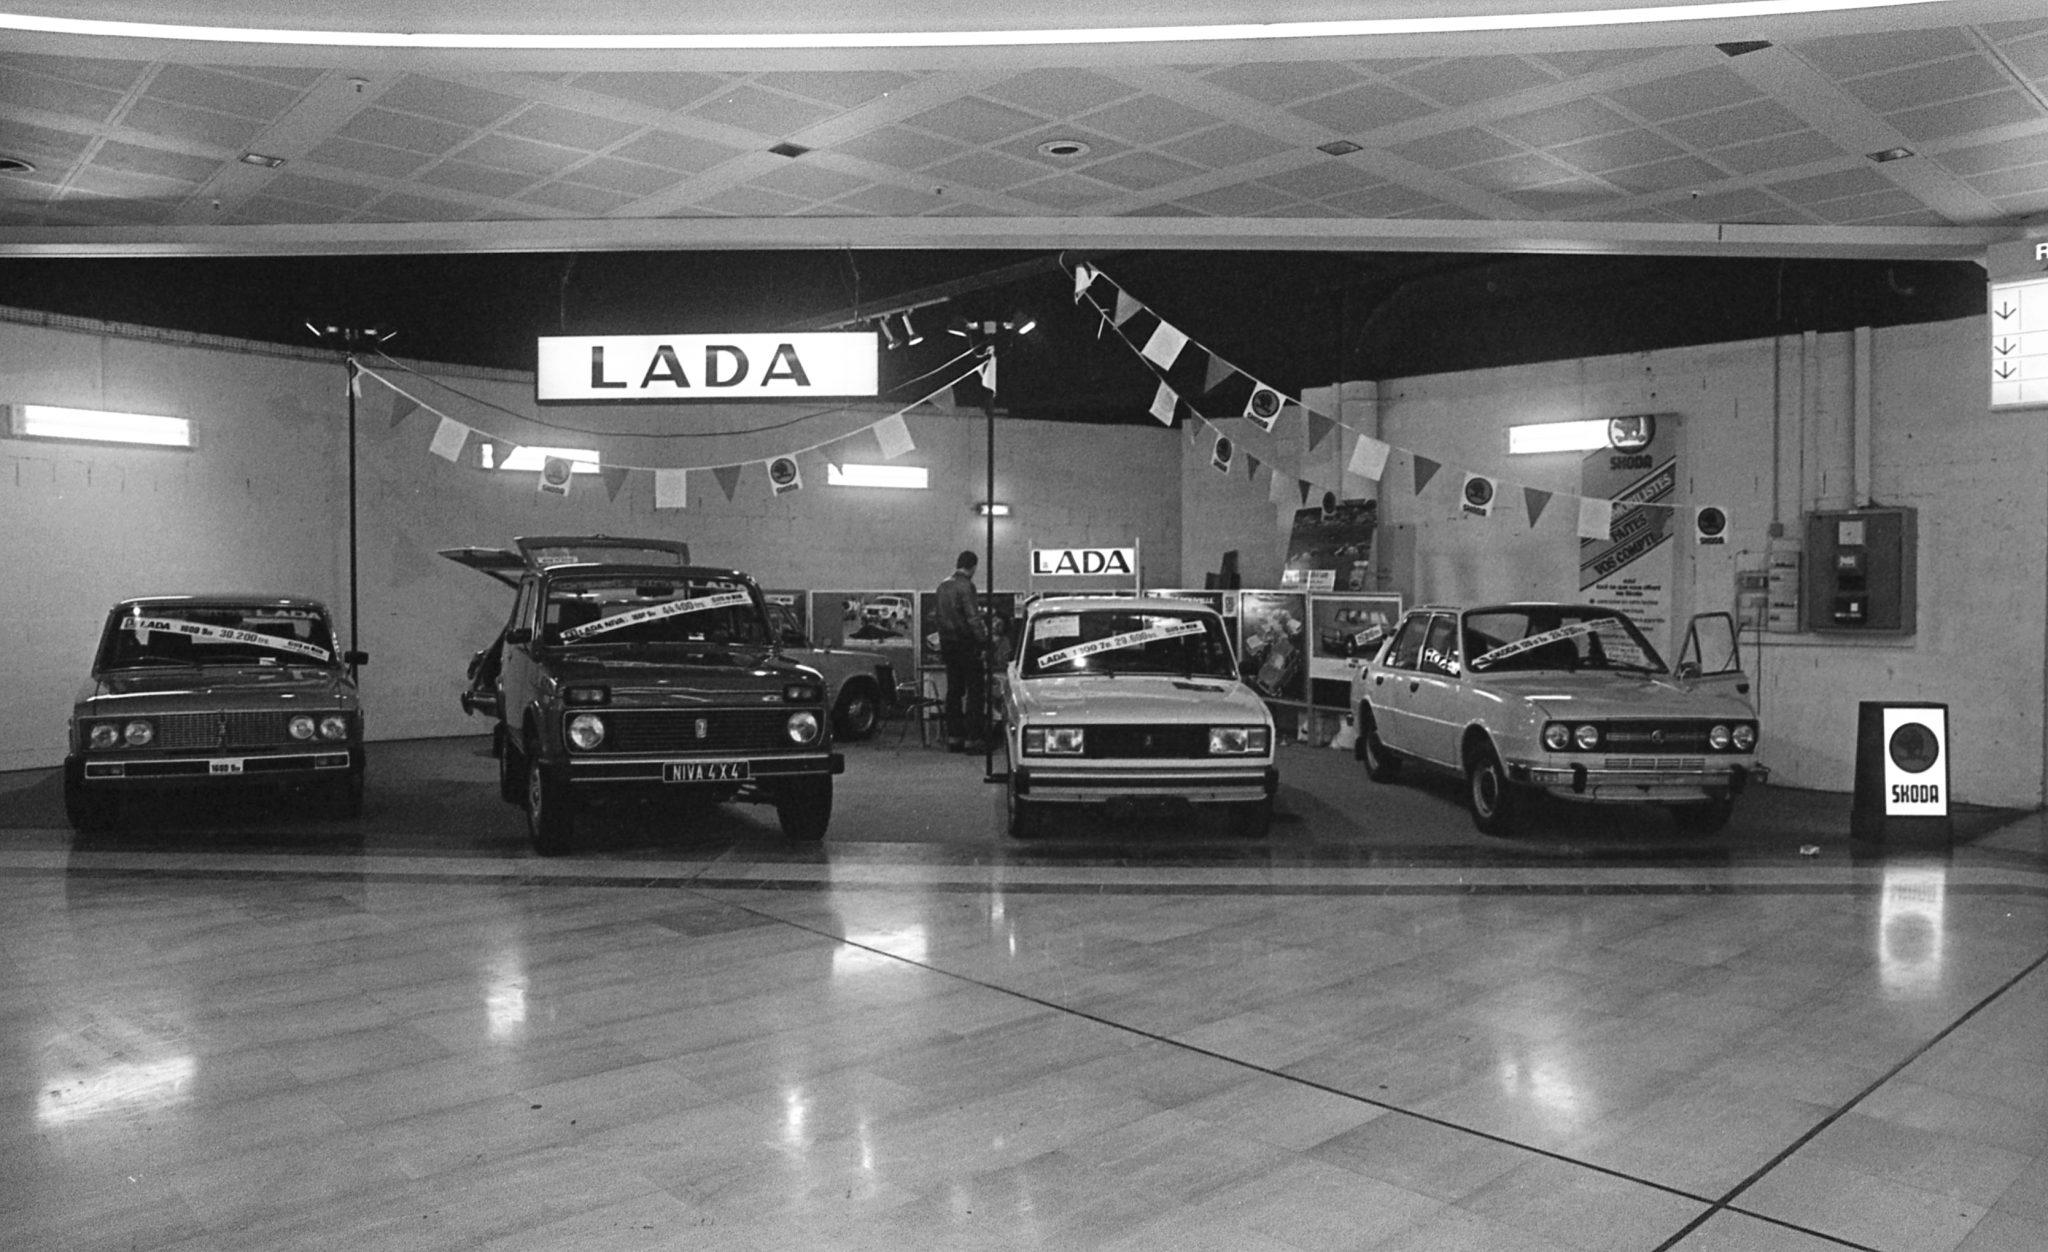 Lada-modellek-es-gyari-alkatreszek